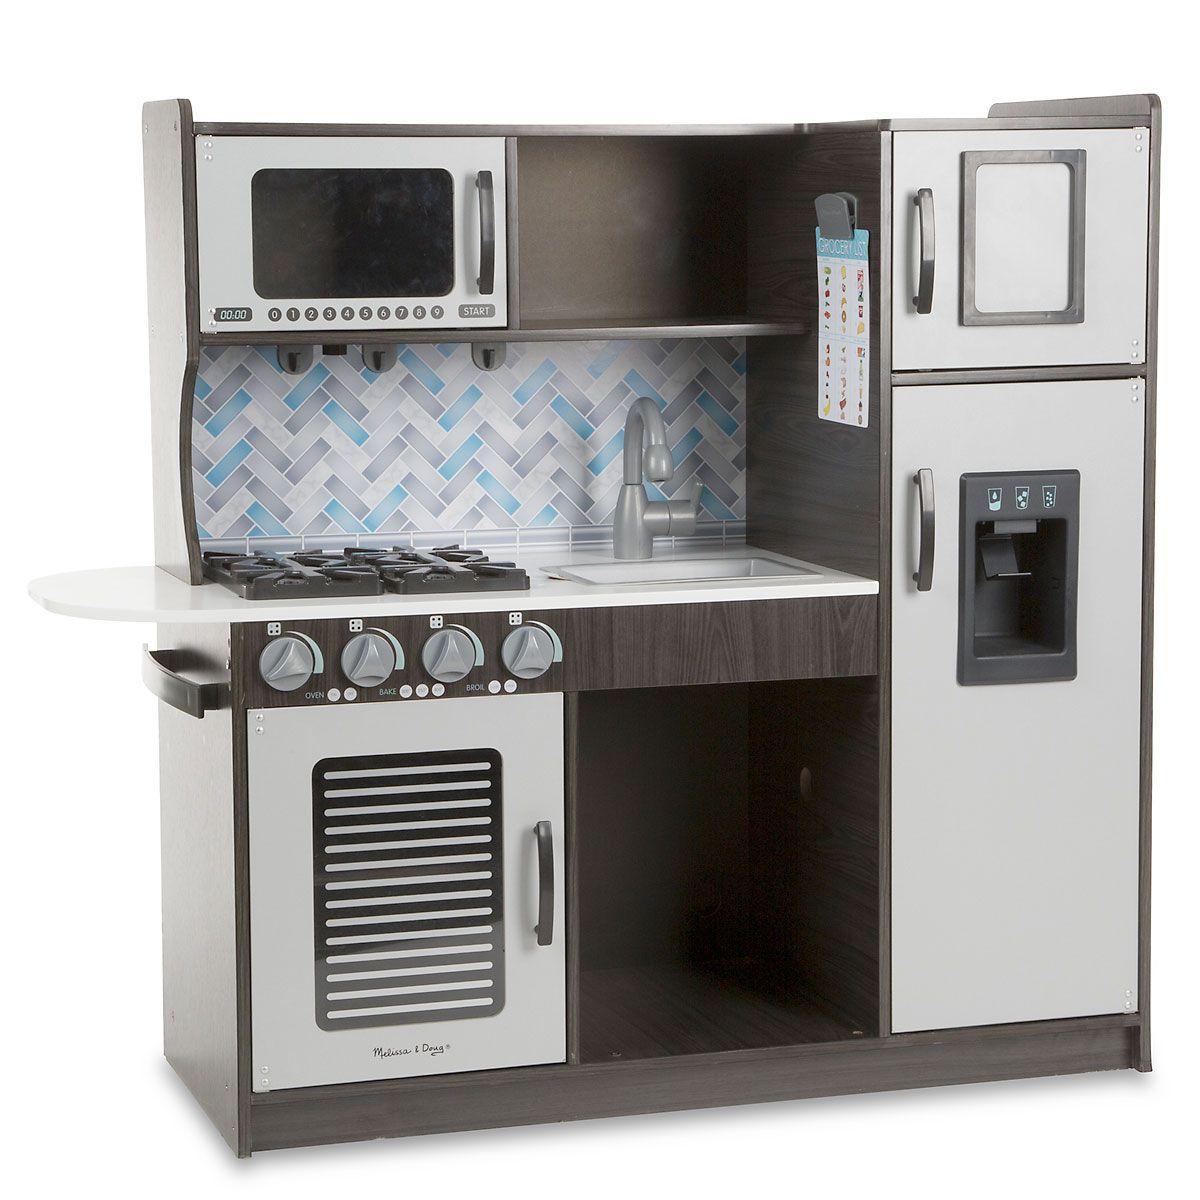 Melissa & Doug®'s Chef's Kitchen